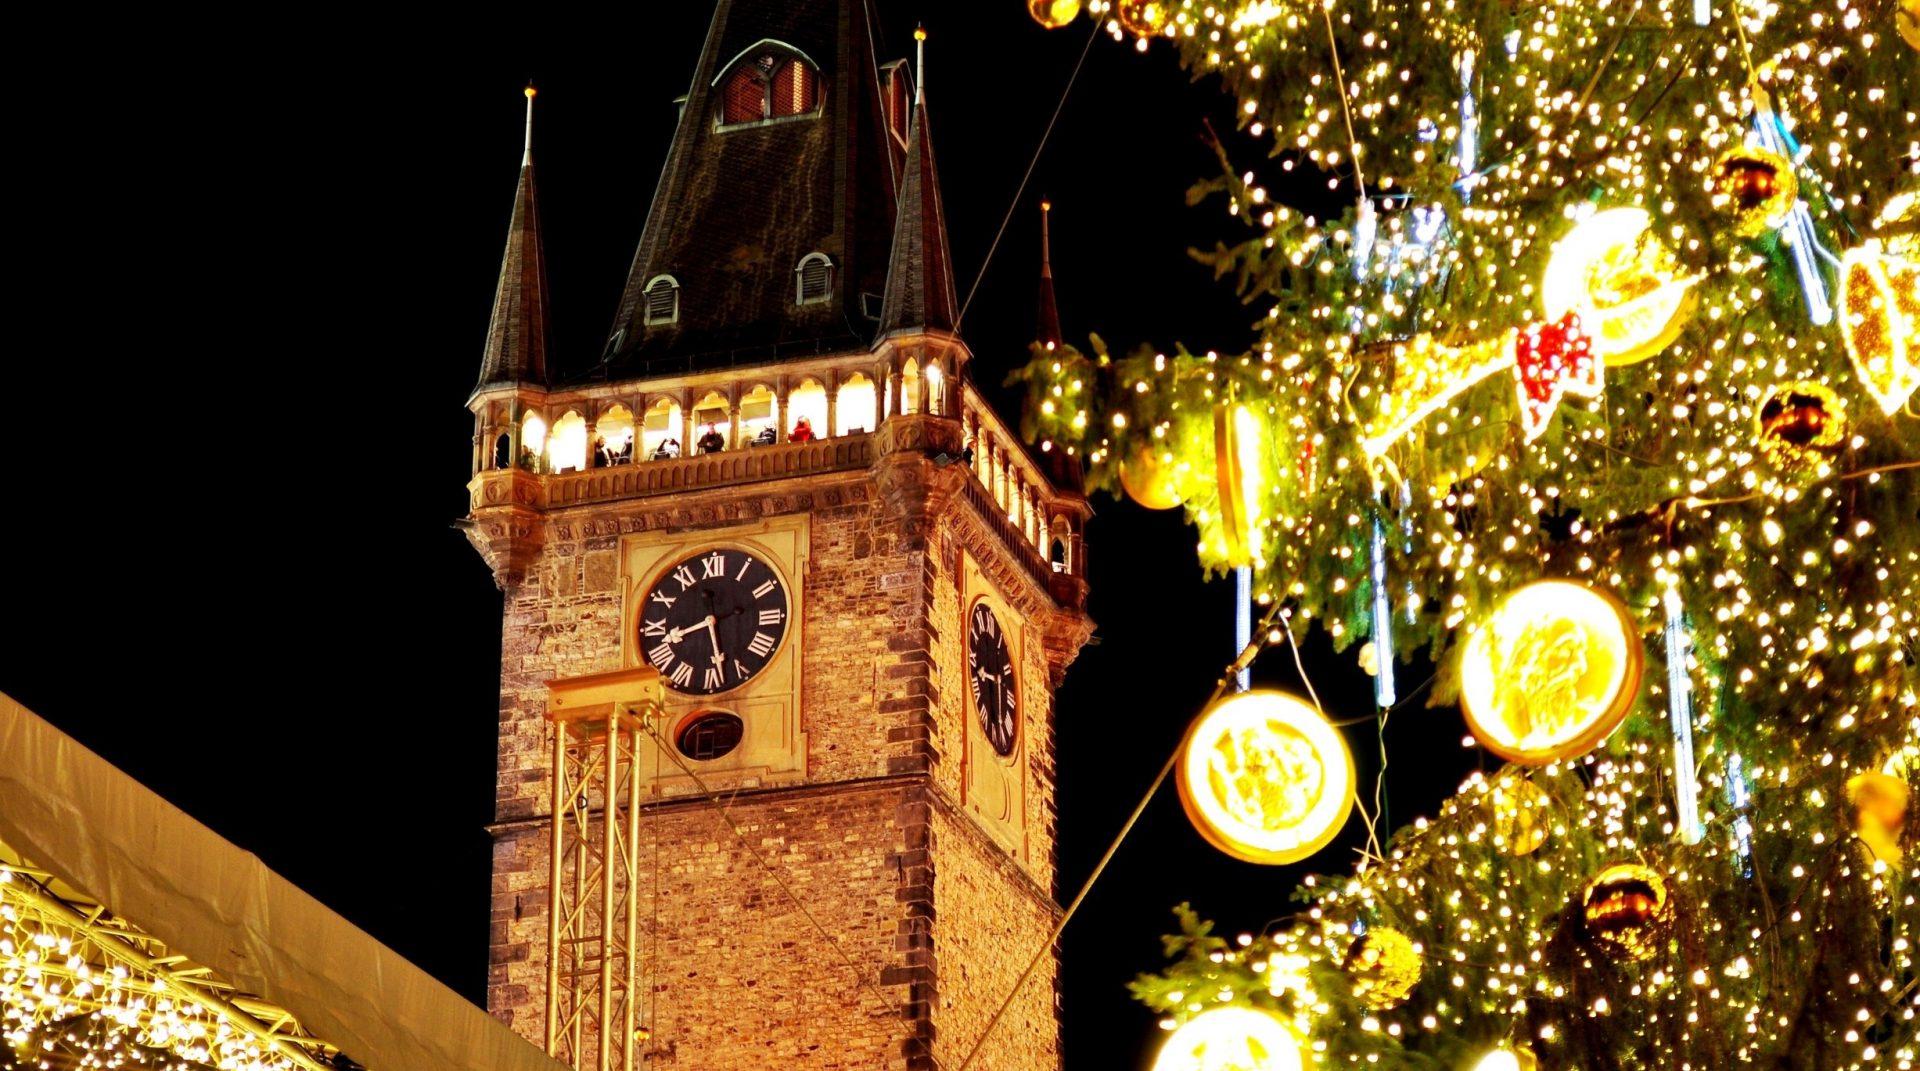 Новый год в Праге! Все включено! Блок МАУ + завтраки и экскурсии